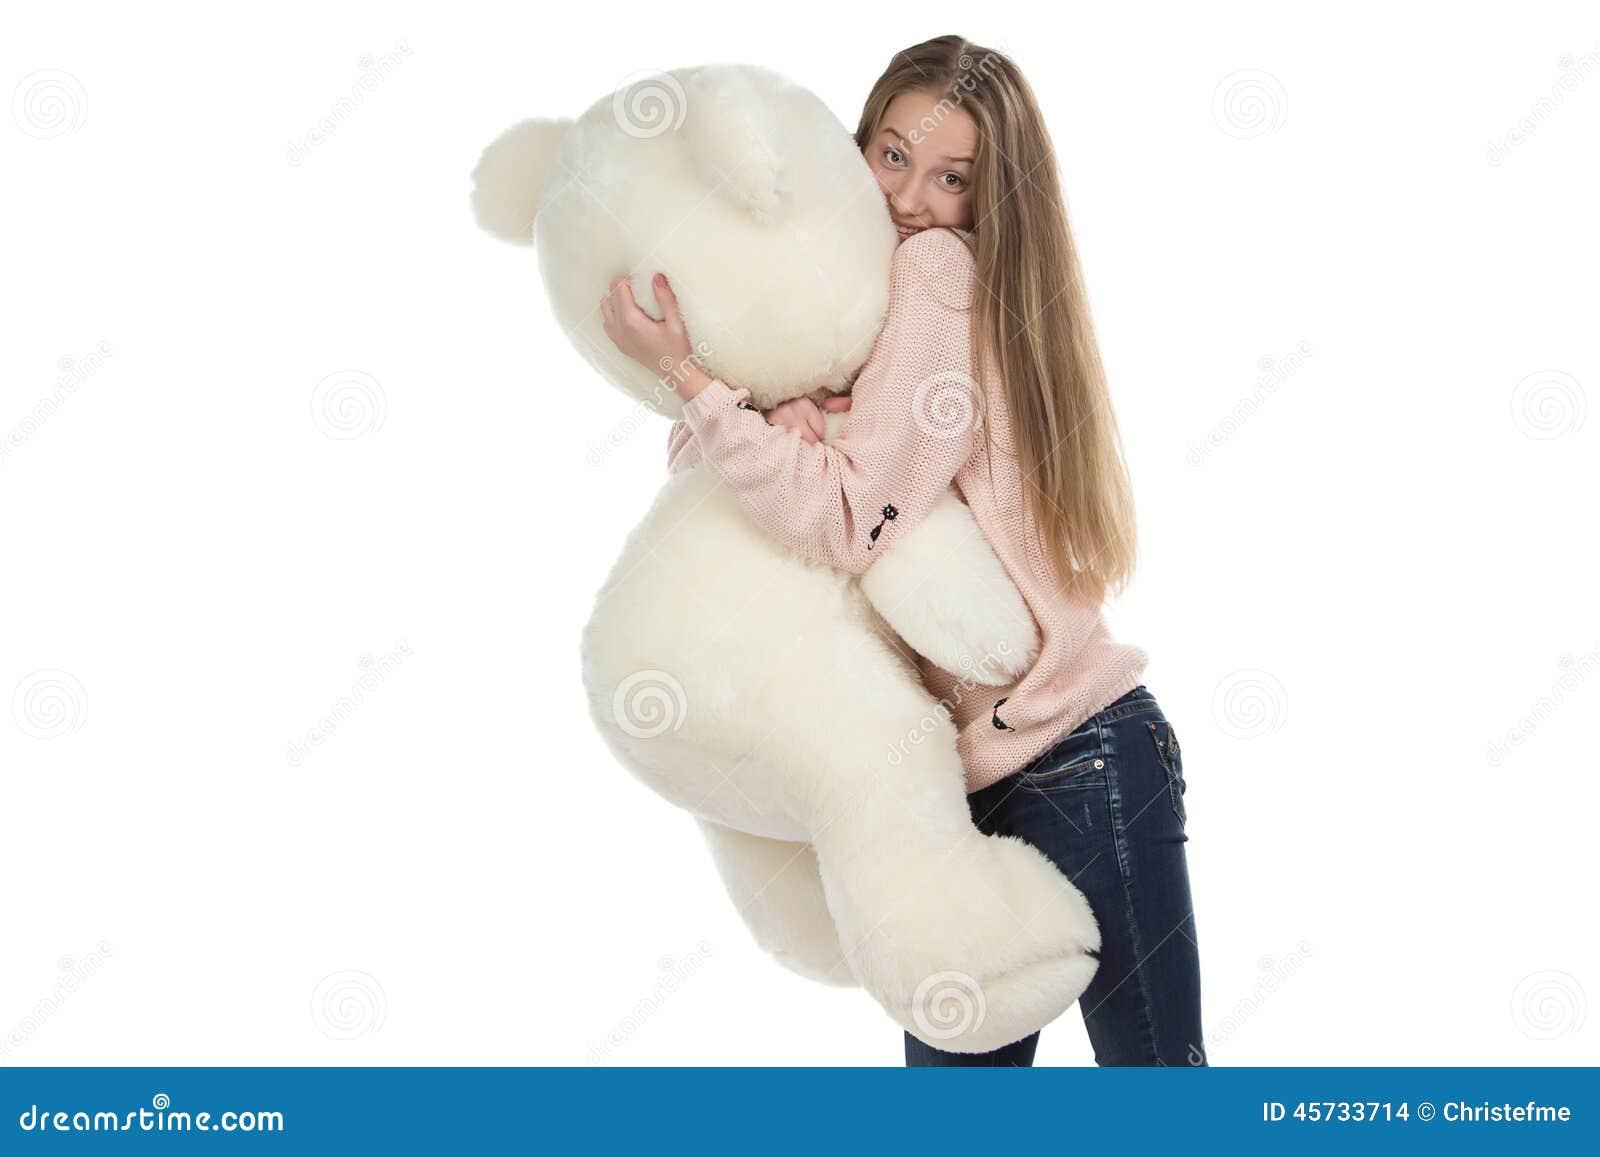 Fotografia nastoletniej dziewczyny przytulenia miś